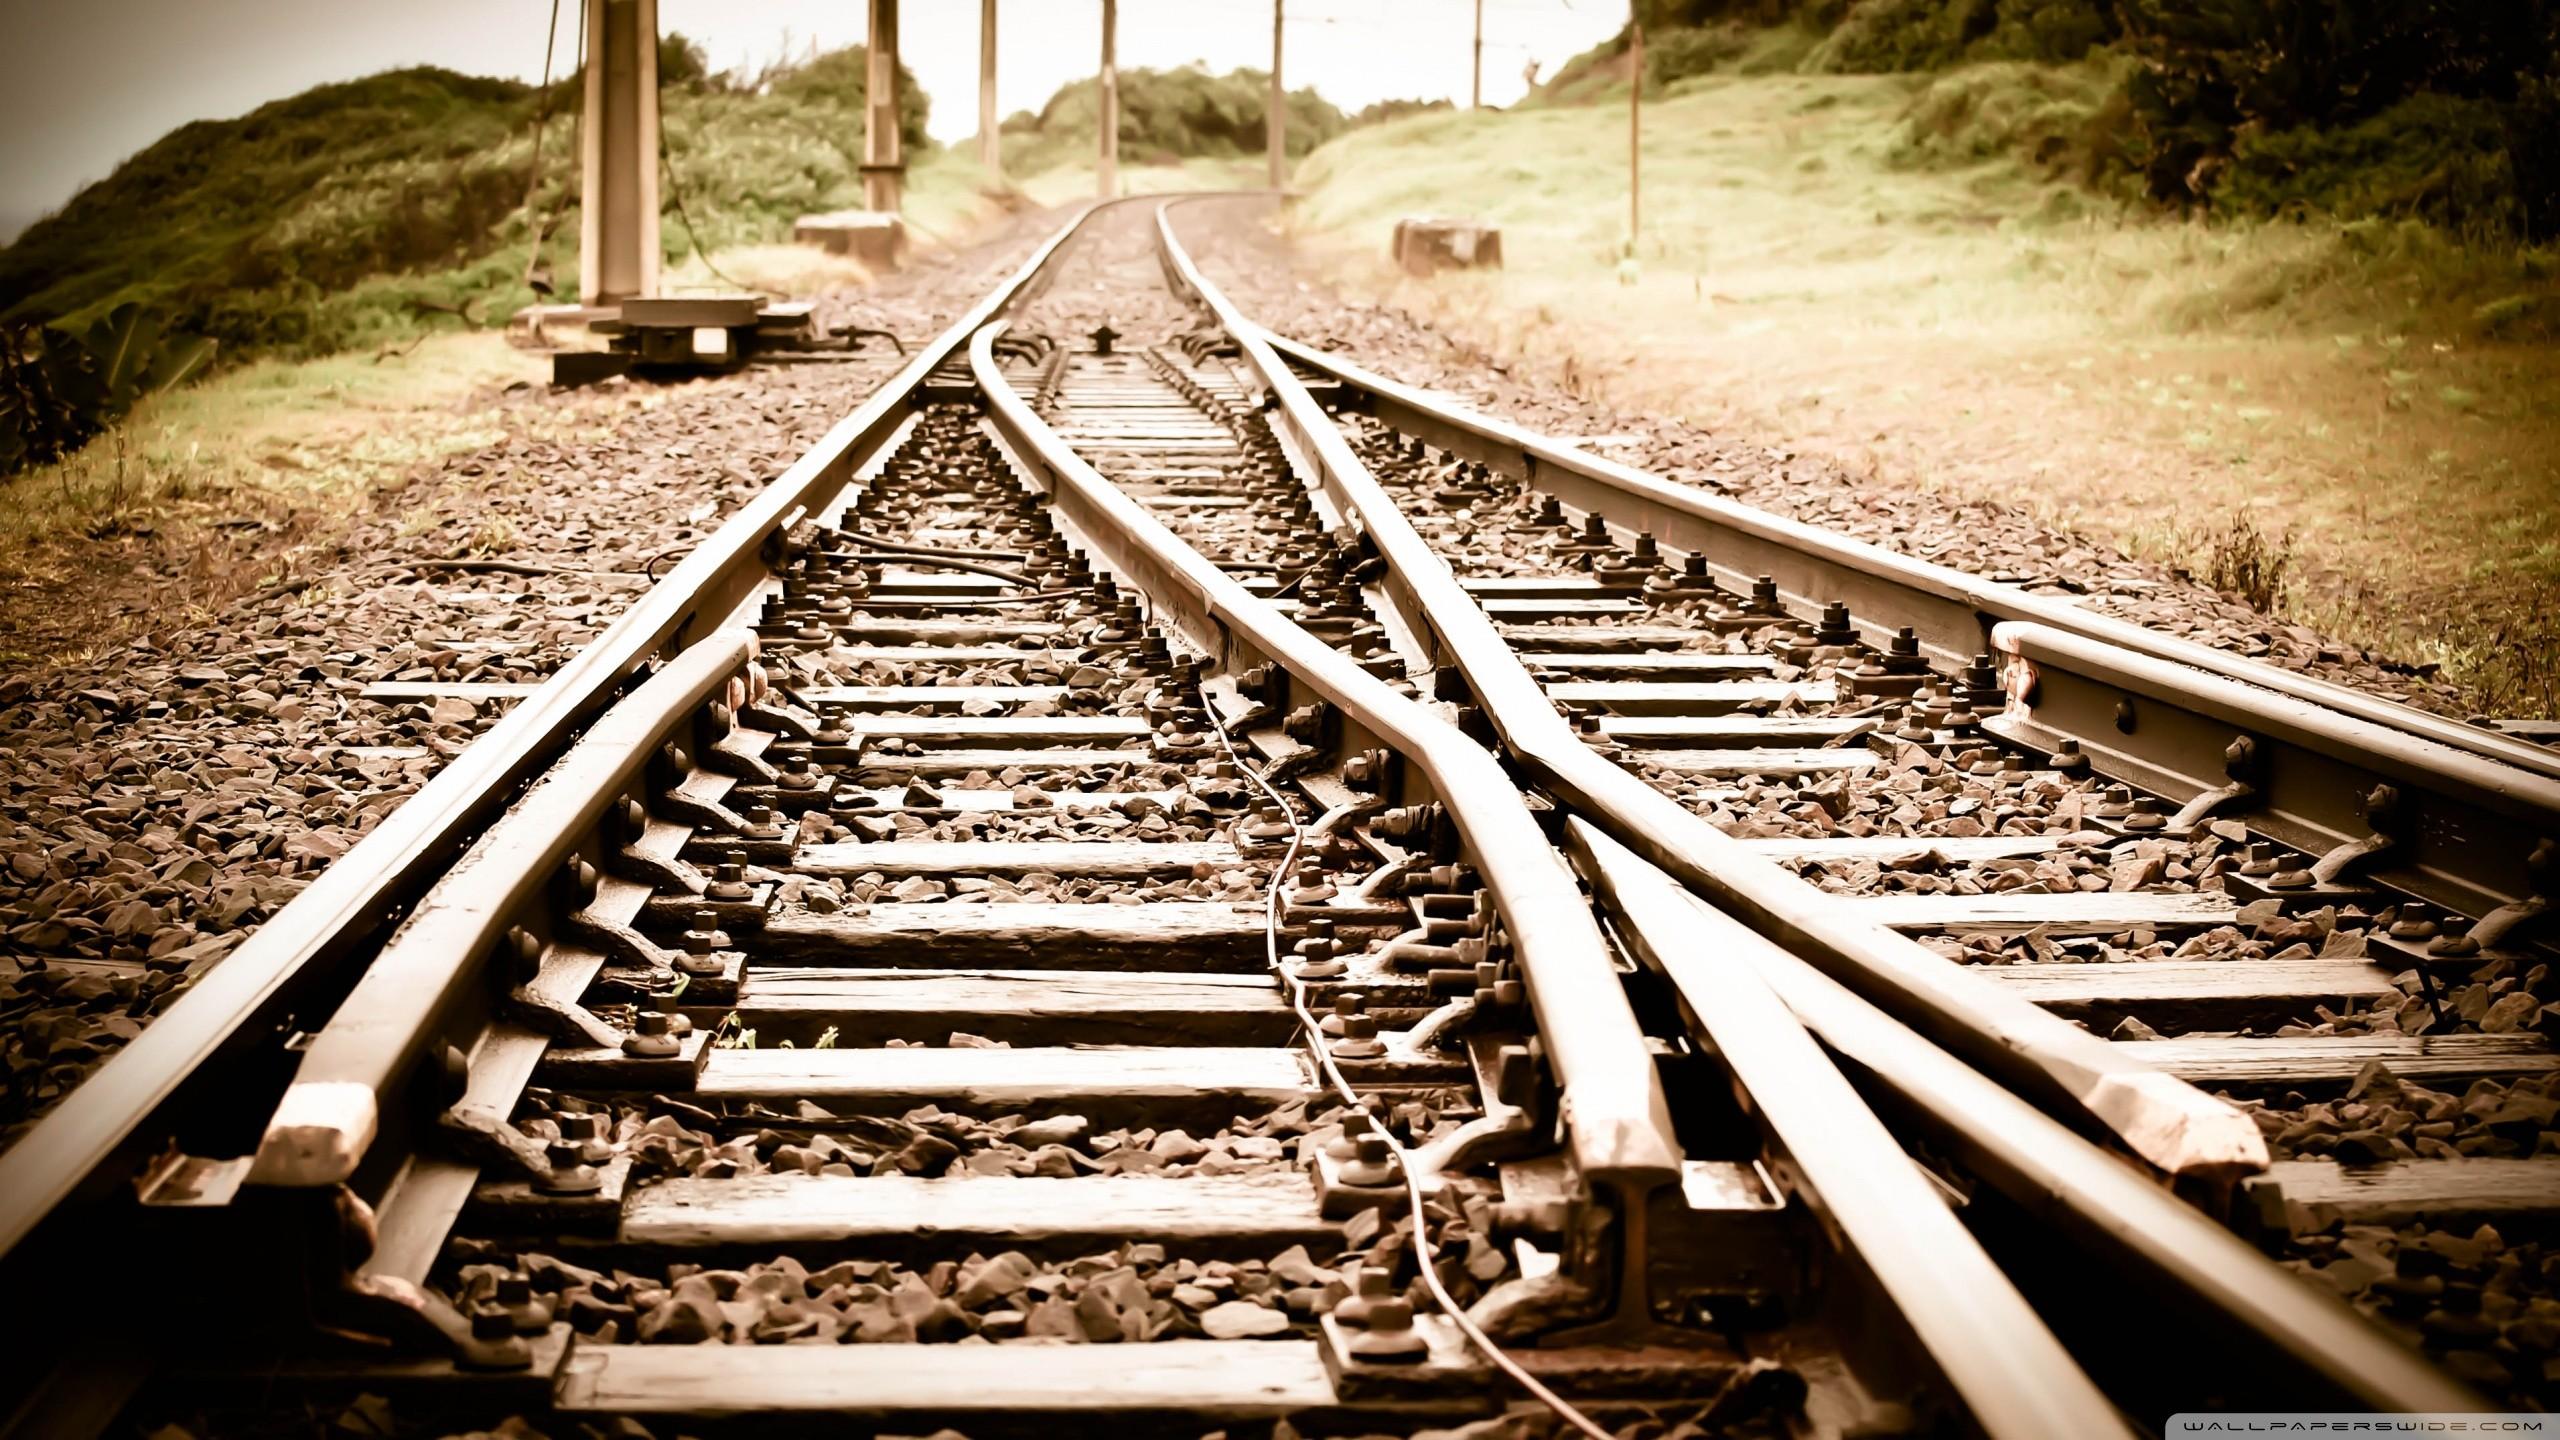 … train tracks hd desktop wallpaper widescreen high definition …